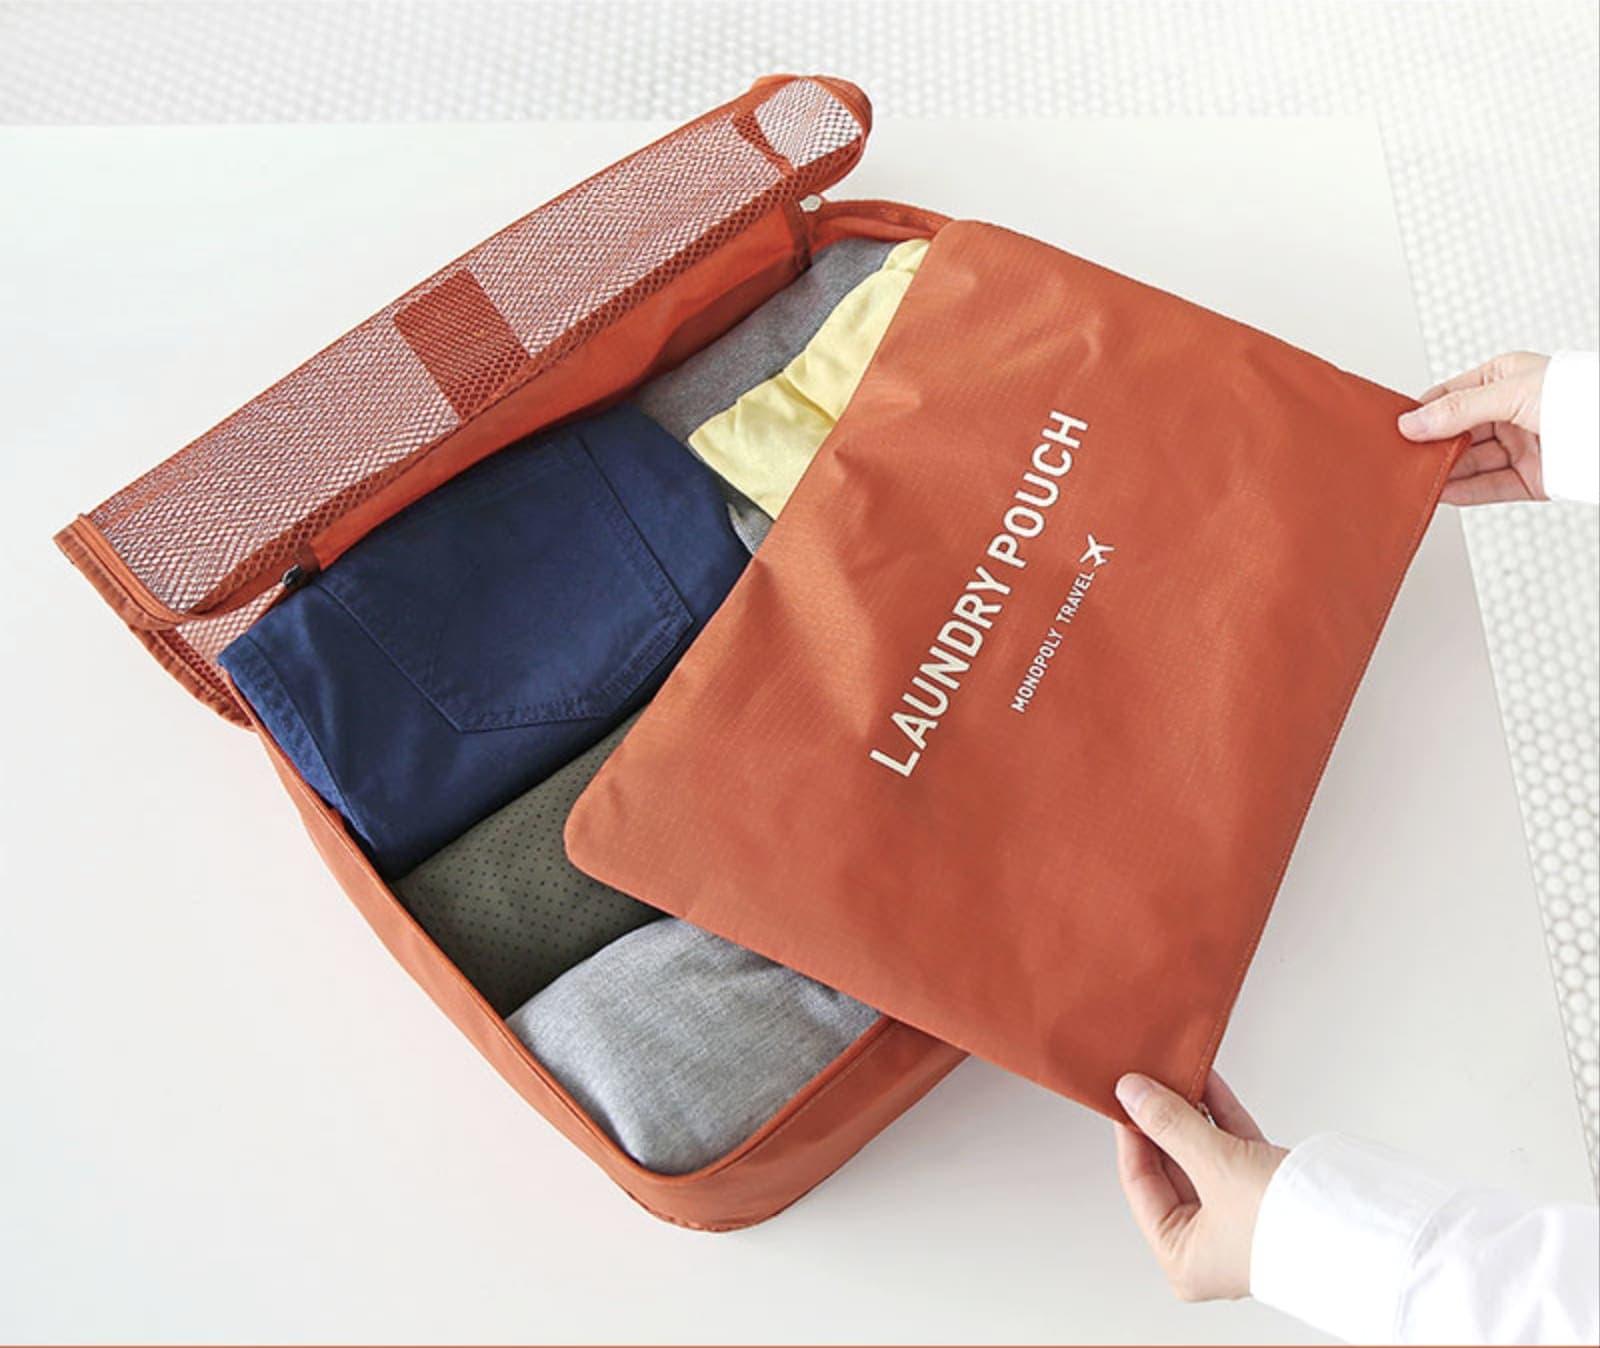 nao-e-caro-viajar-arrumando-a-mala-compartimentos